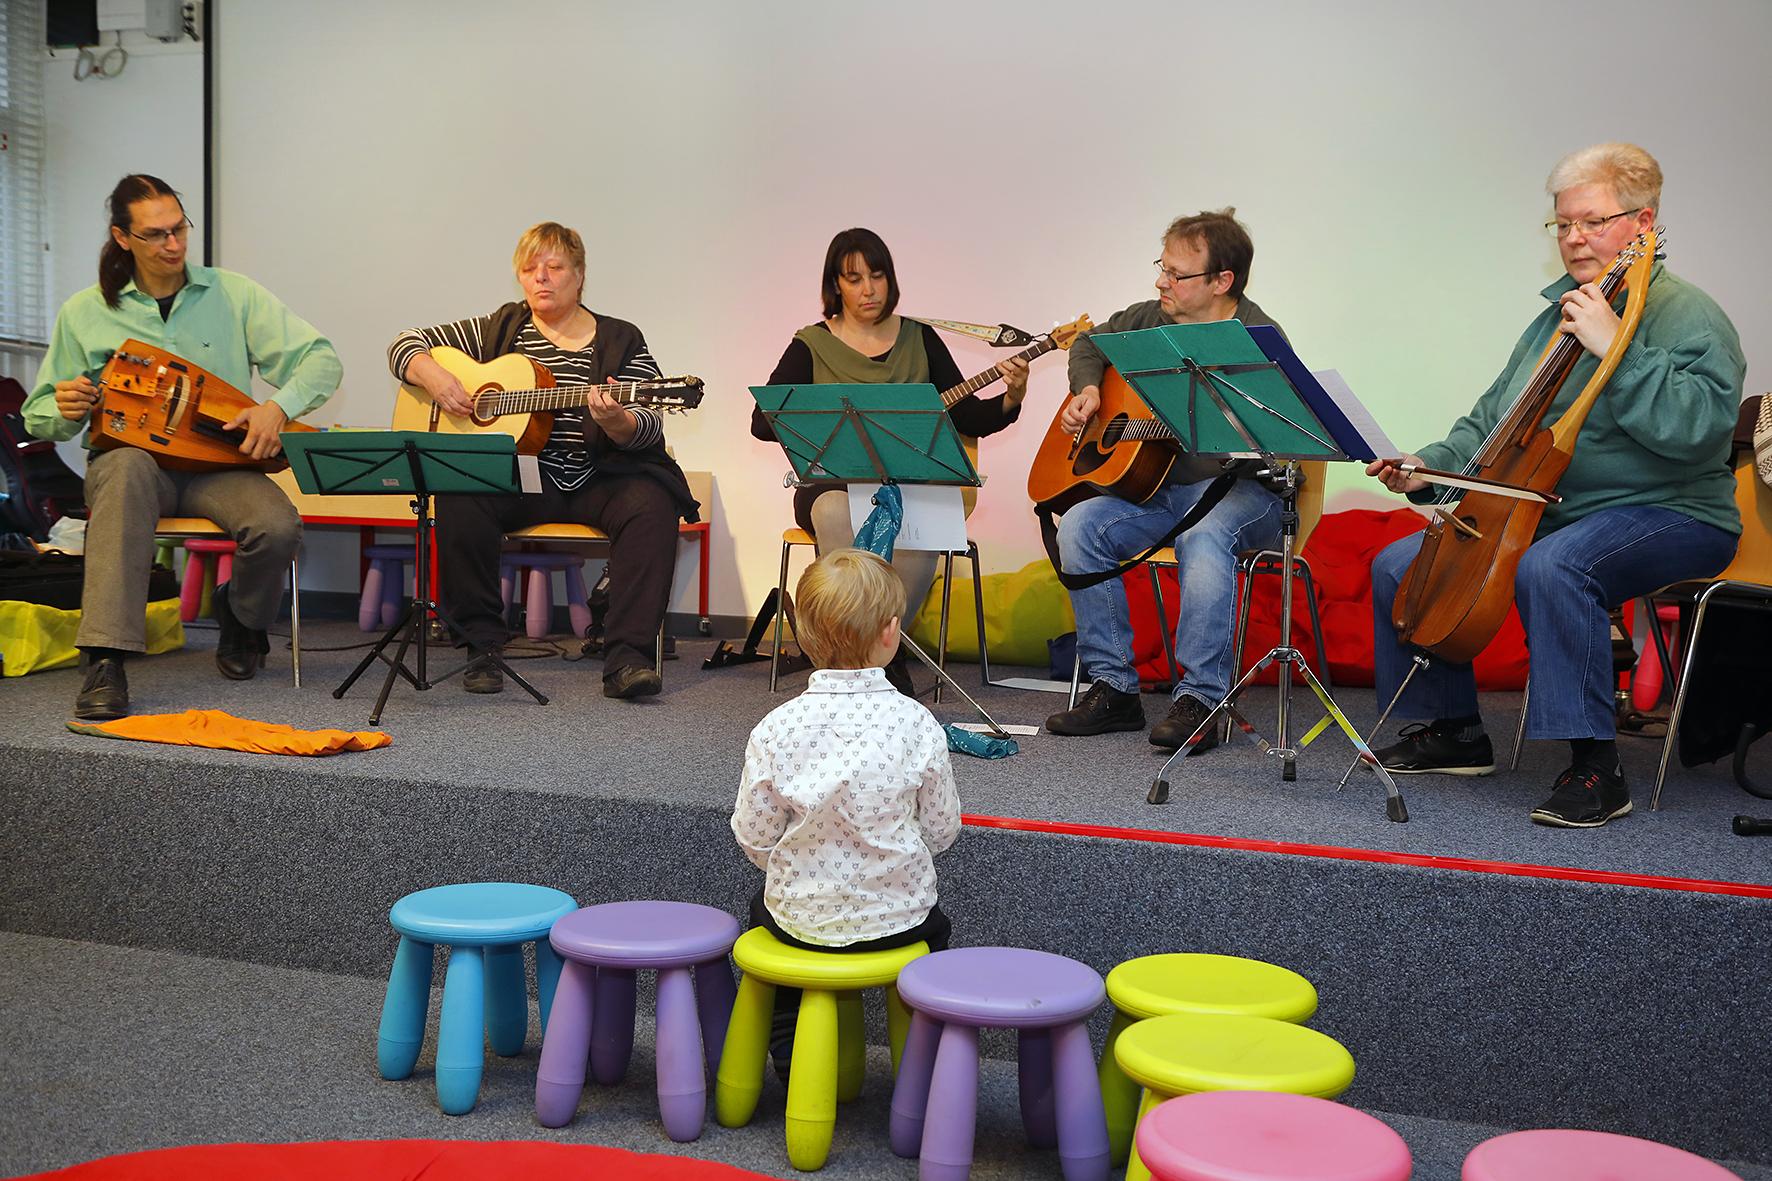 FreitagsMusiker in der Bibliothek am Schäfersee, Foto: Antonia Richter